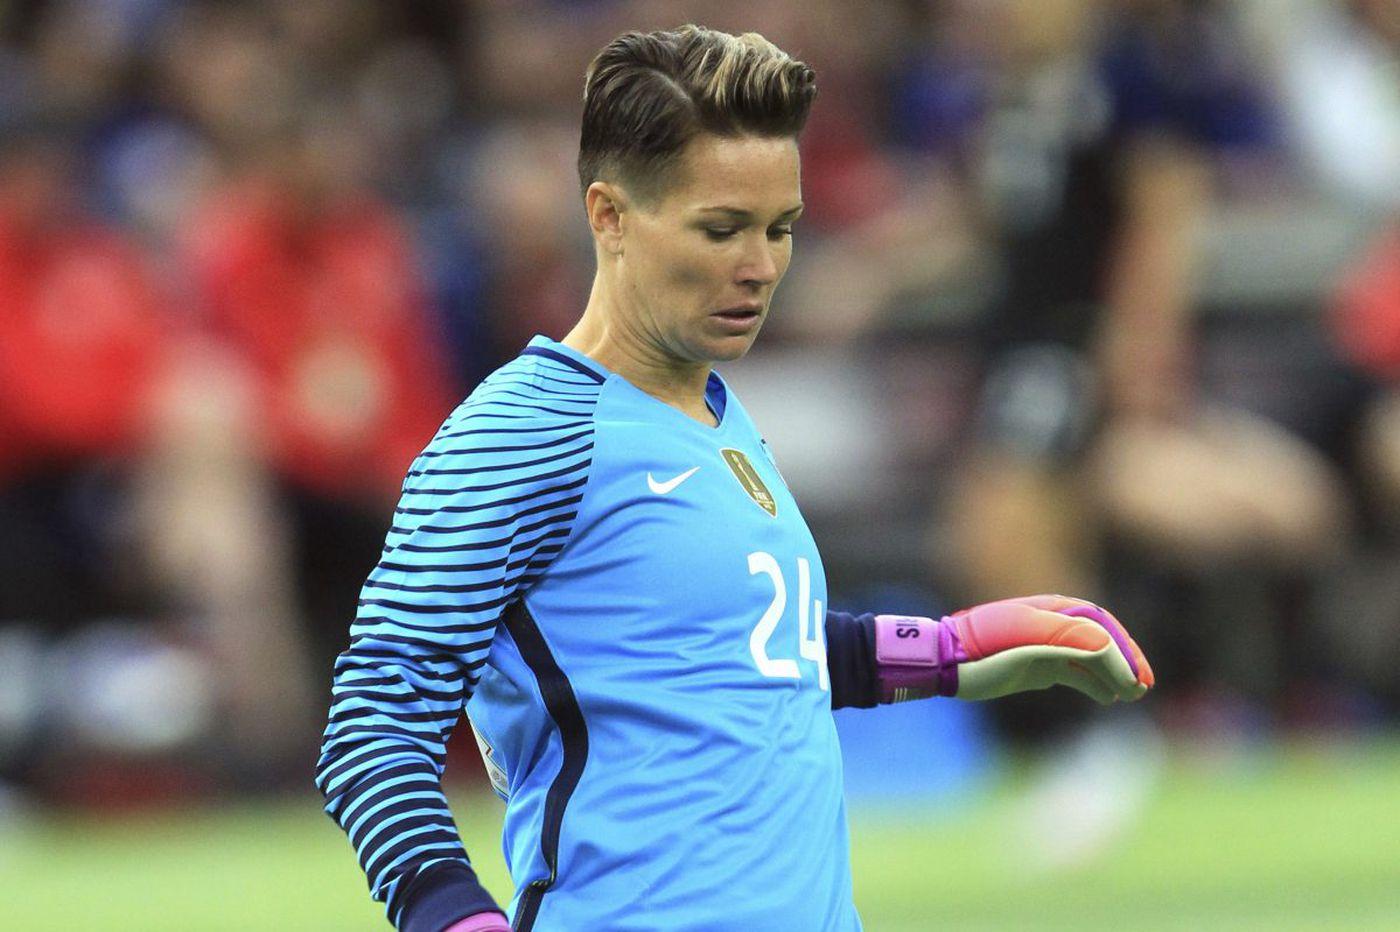 uskomattomia hintoja valtava myynti säästää jopa 80% U.S. women's soccer team goalkeeper Ashlyn Harris out eight ...